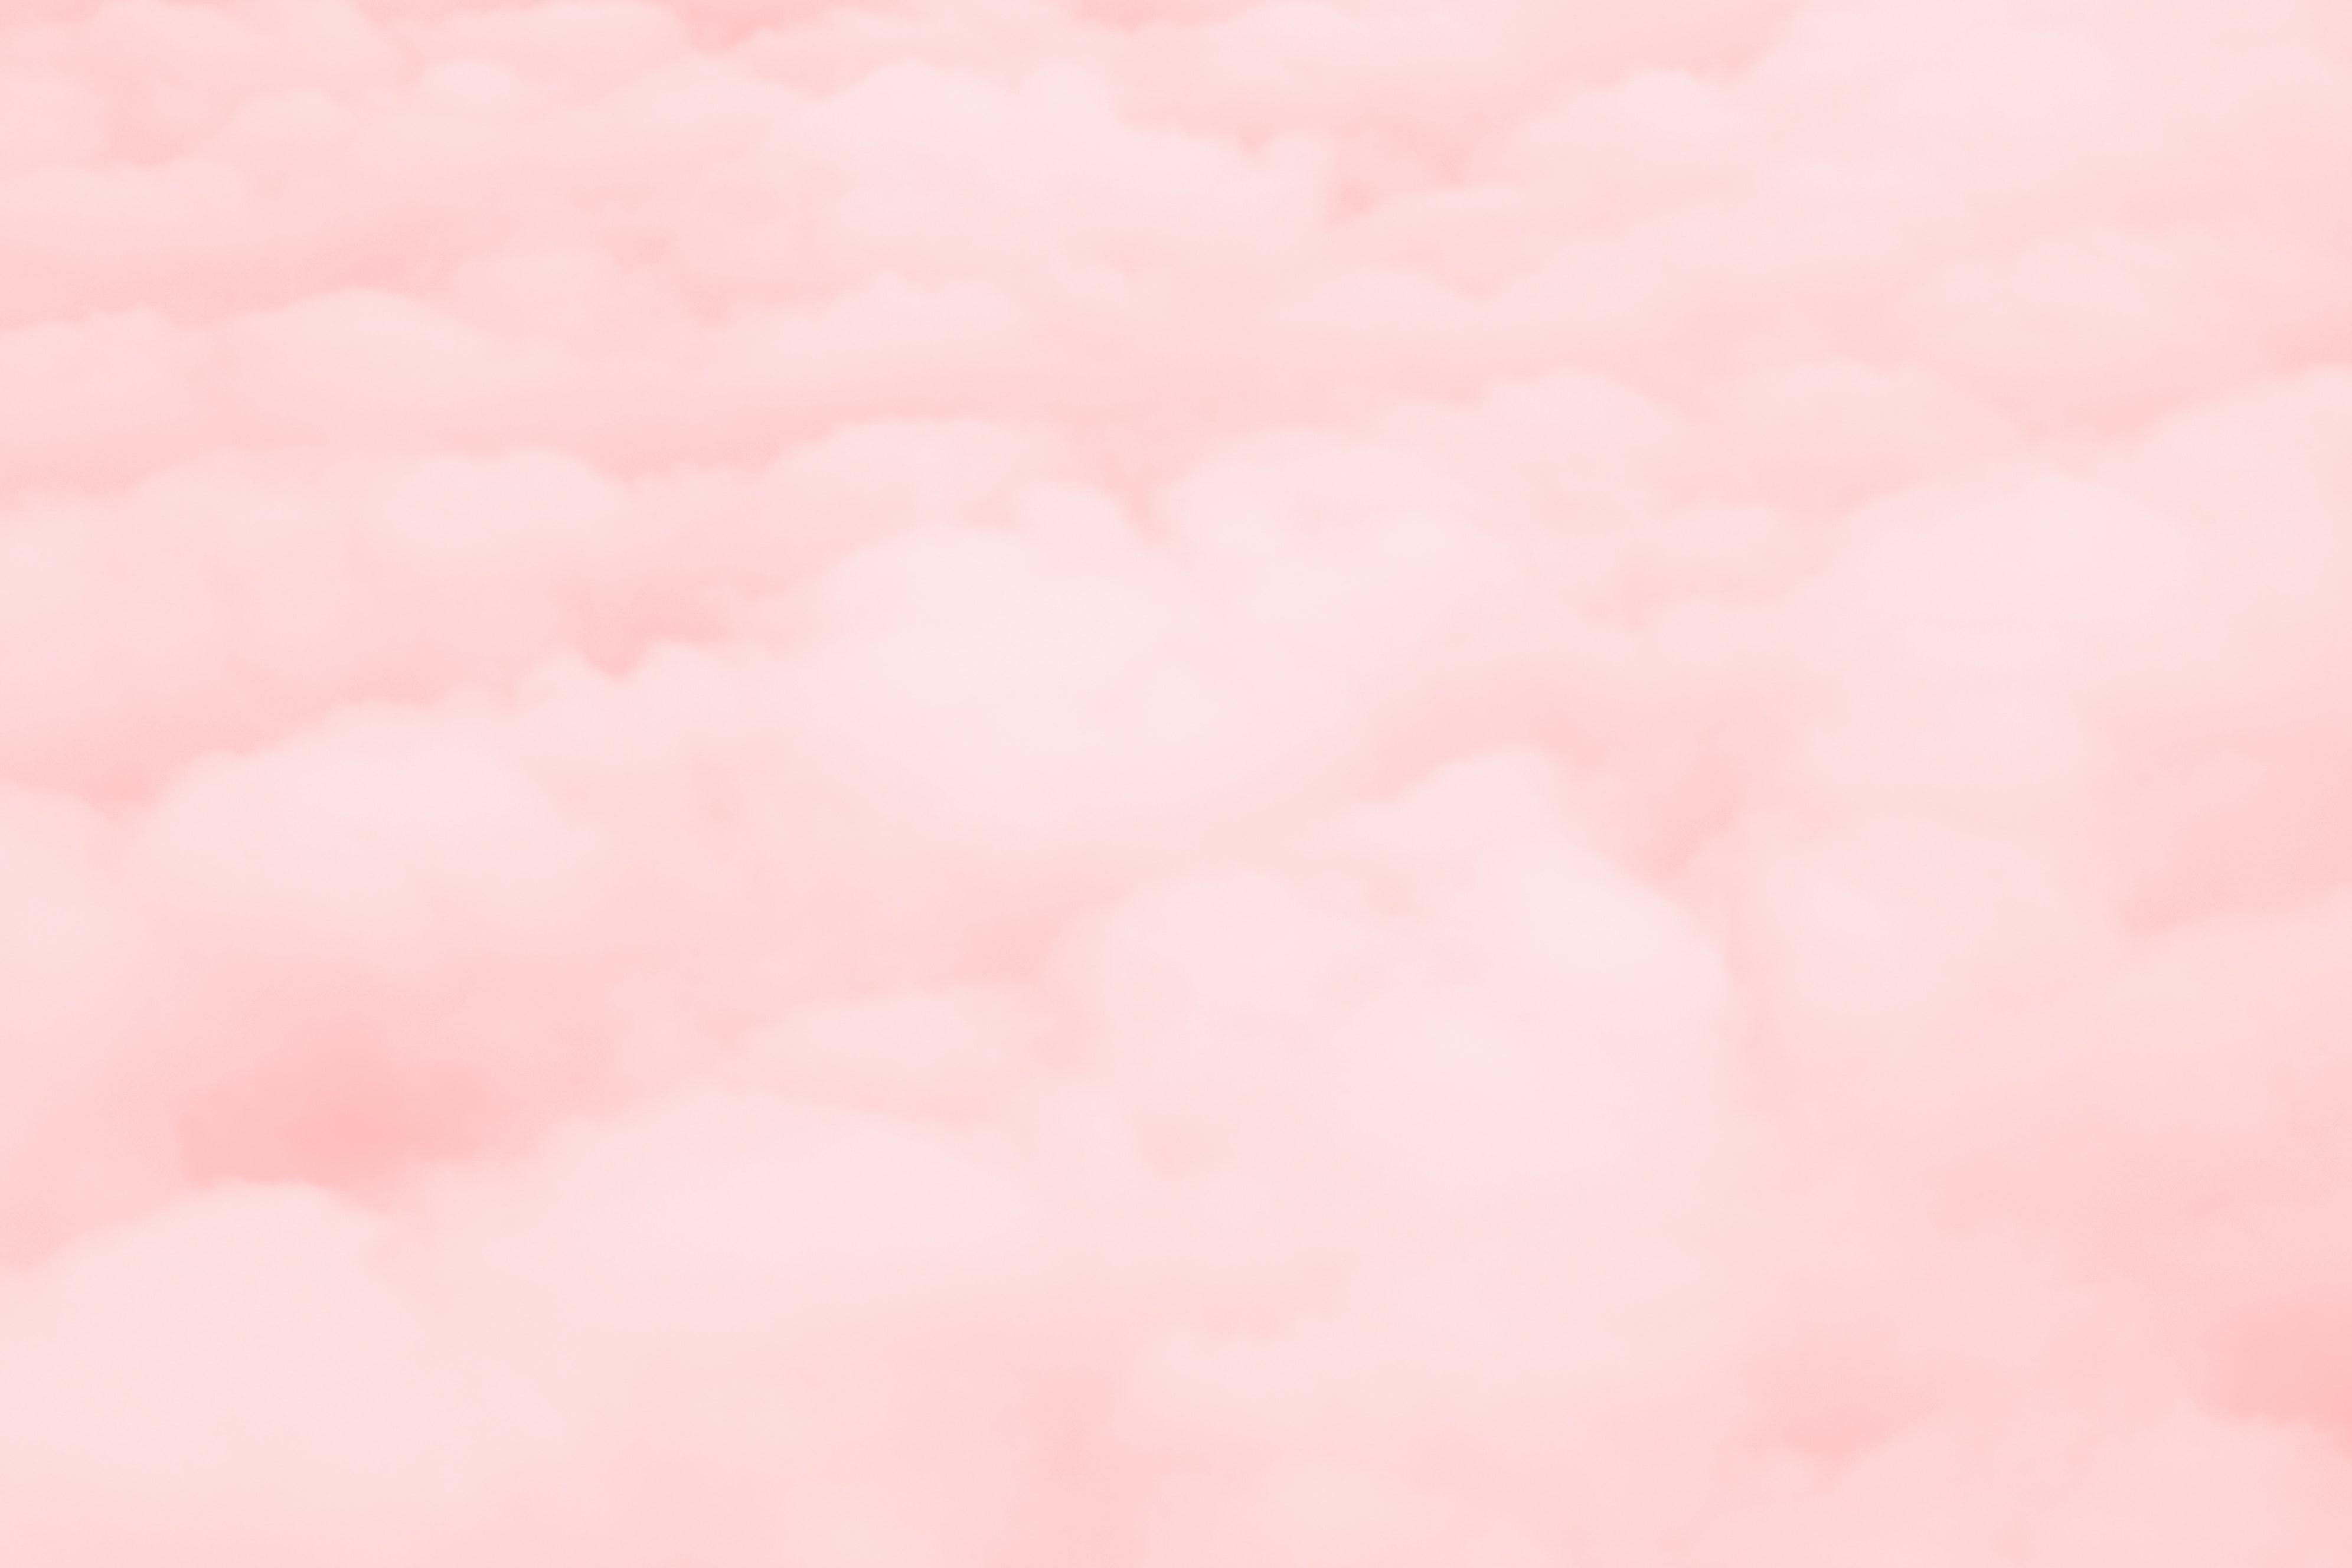 1000+ Amazing Pink Bac...